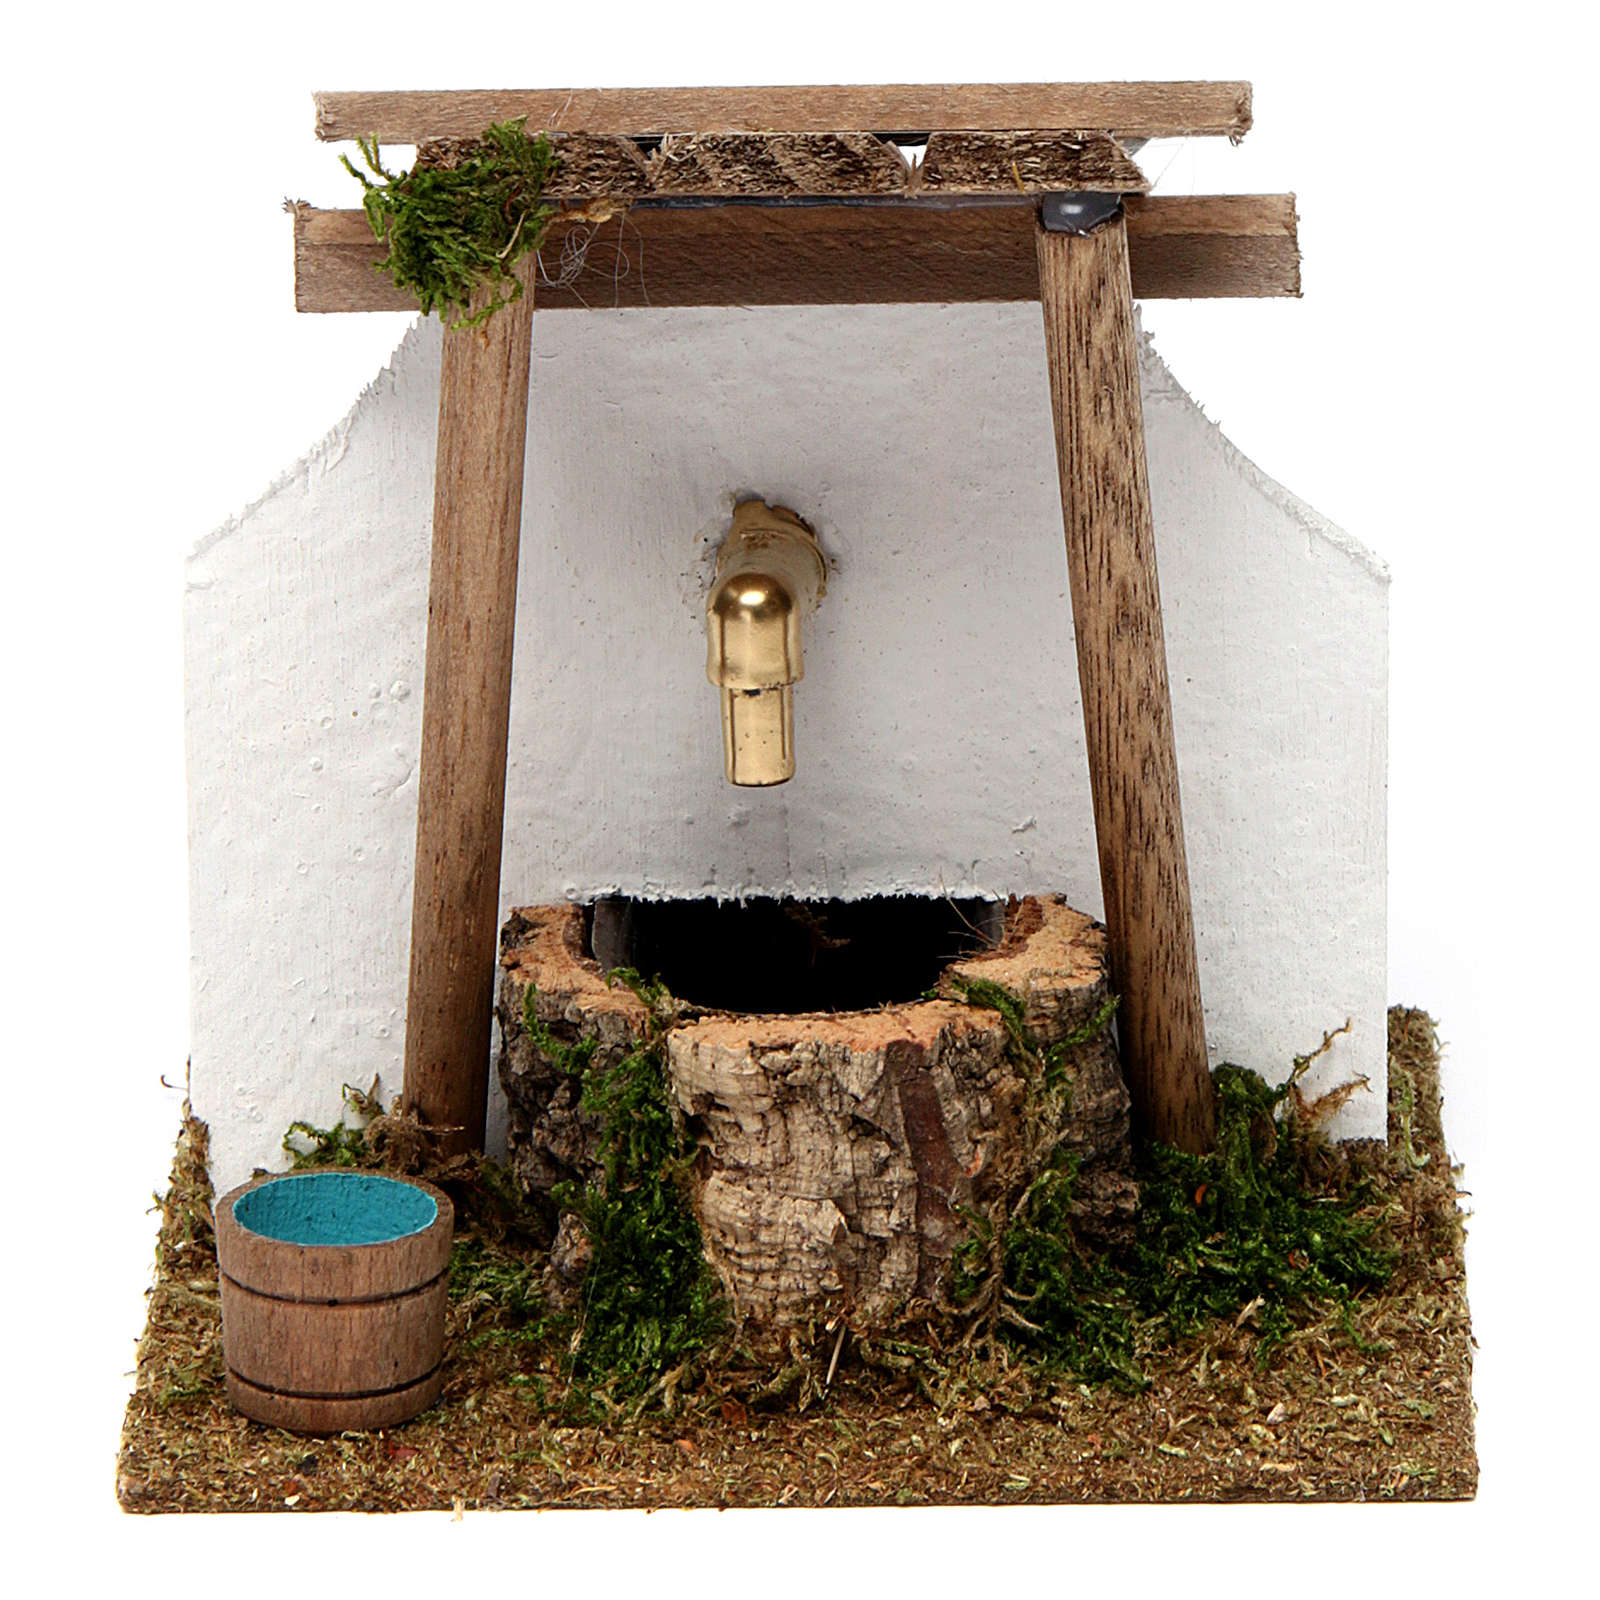 Fontana con tettoia di legno e pompa ad acqua 15x15x15 cm 4